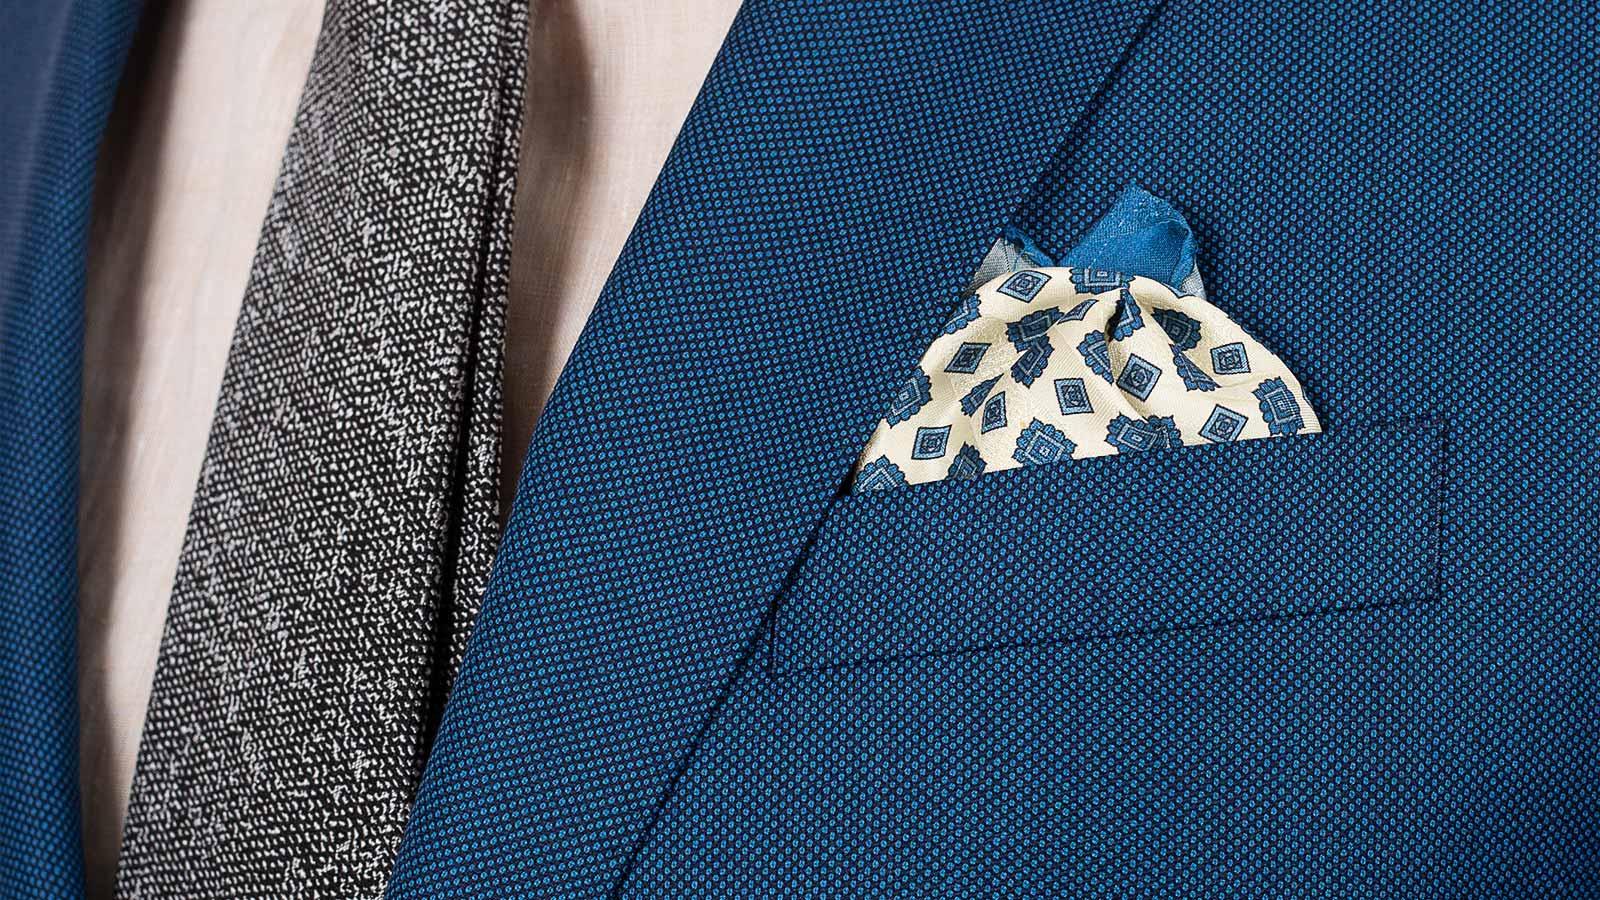 Teal Birdseye Suit - slider image 1